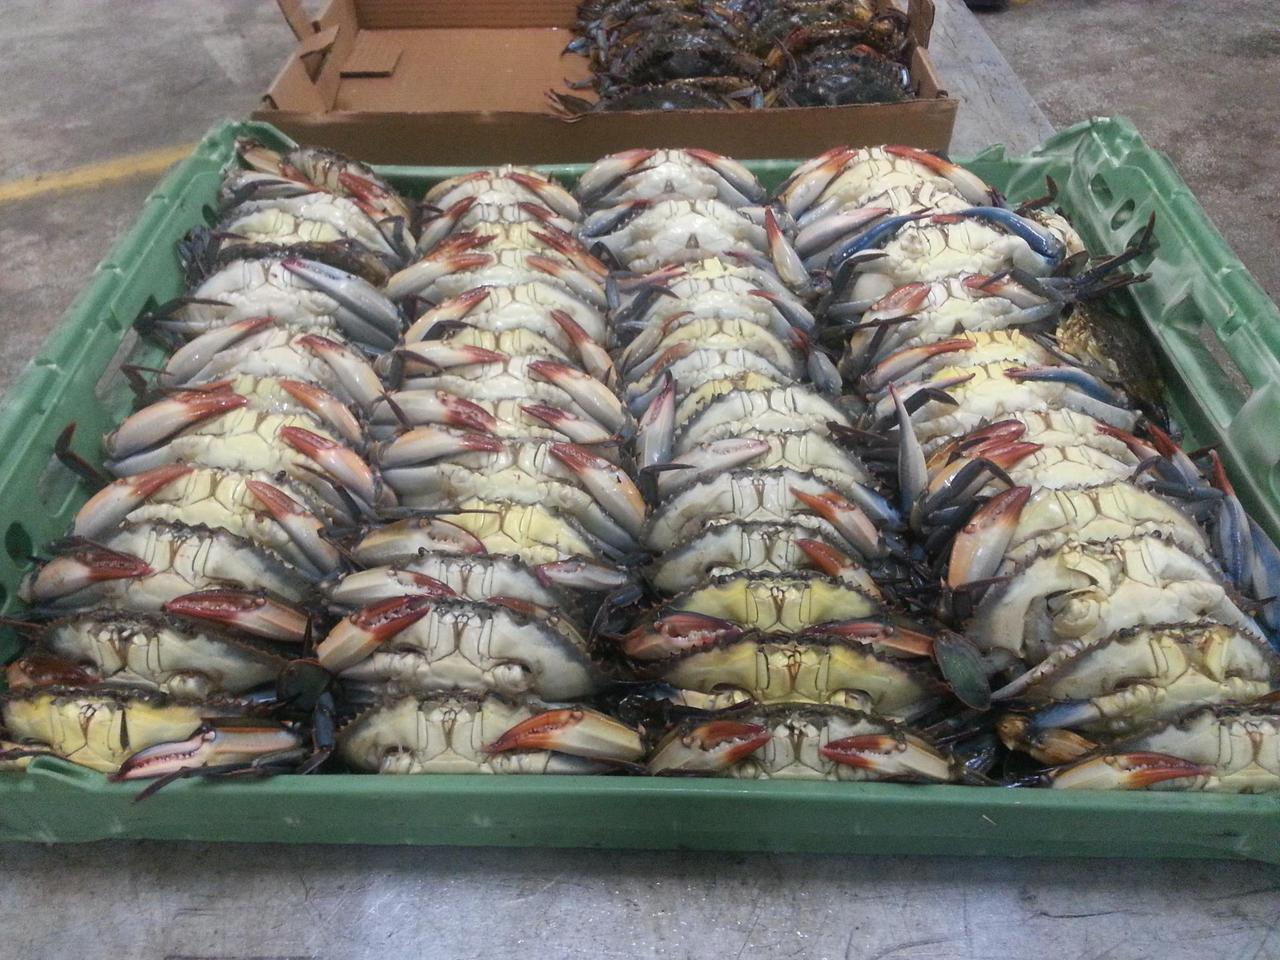 Live Soft Crabs just finished shedding